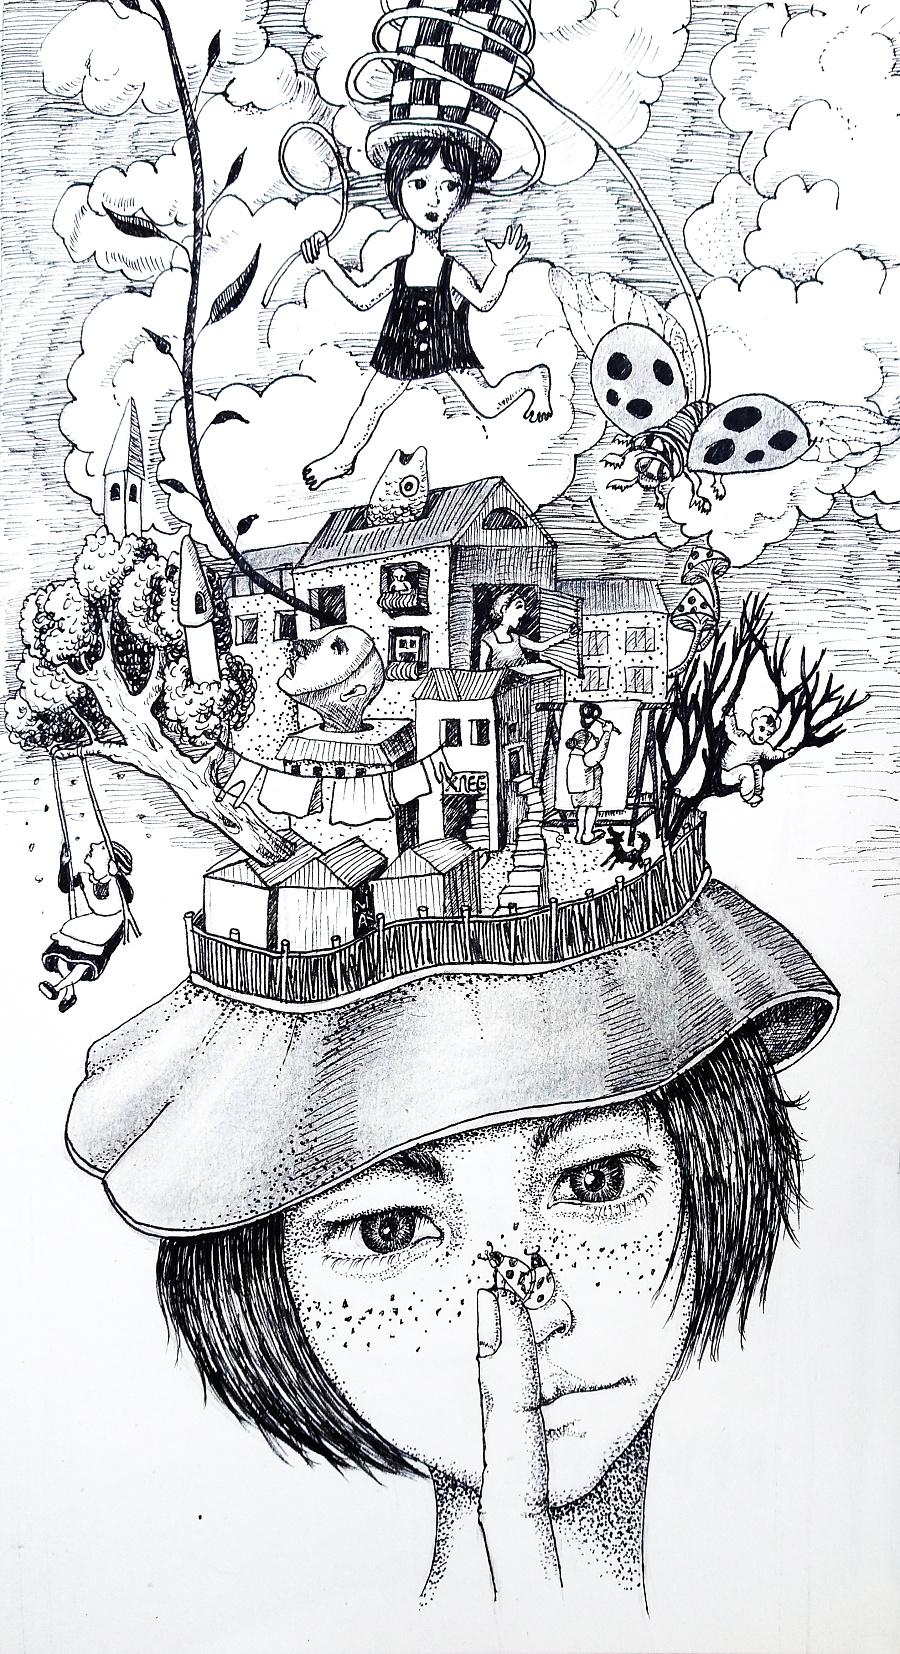 一些黑白手绘-1|绘画习作|插画|立体构成 - 原创设计